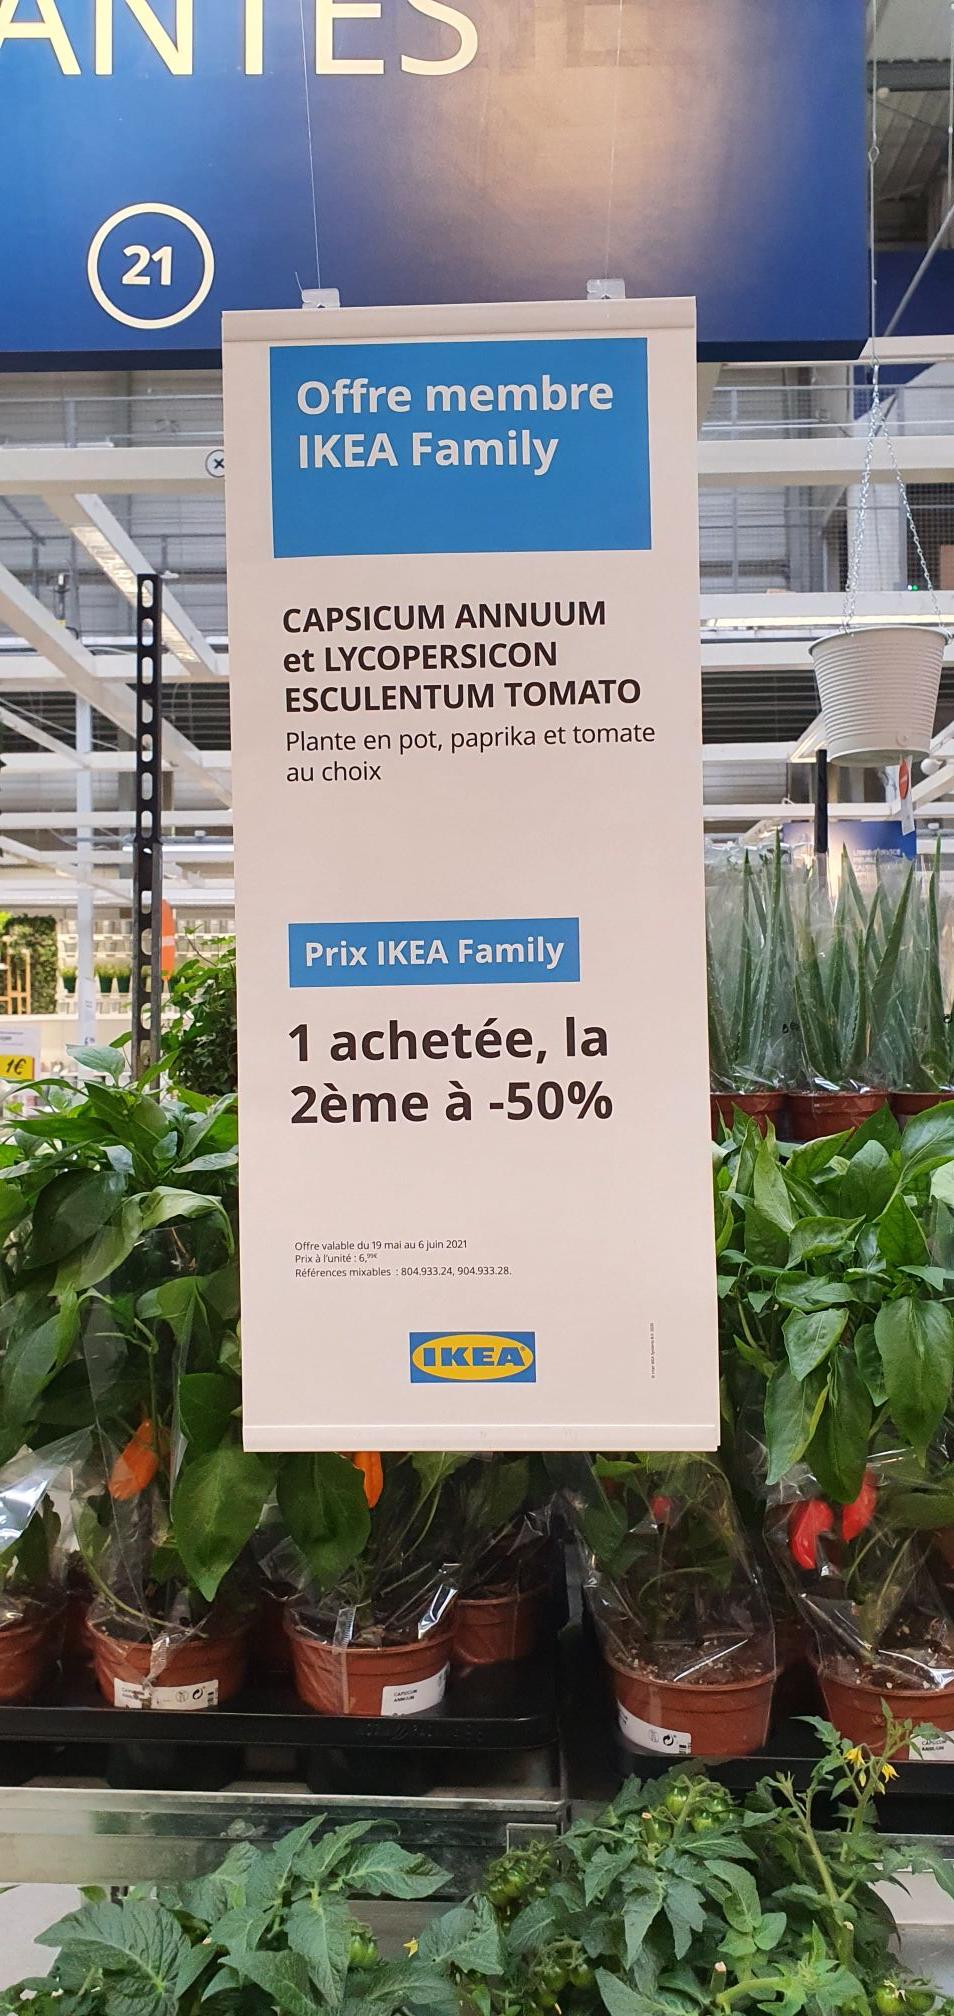 [Ikea Family] Une plante achetée = la seconde à 50% de réduction - Villiers-sur-Marne (94)